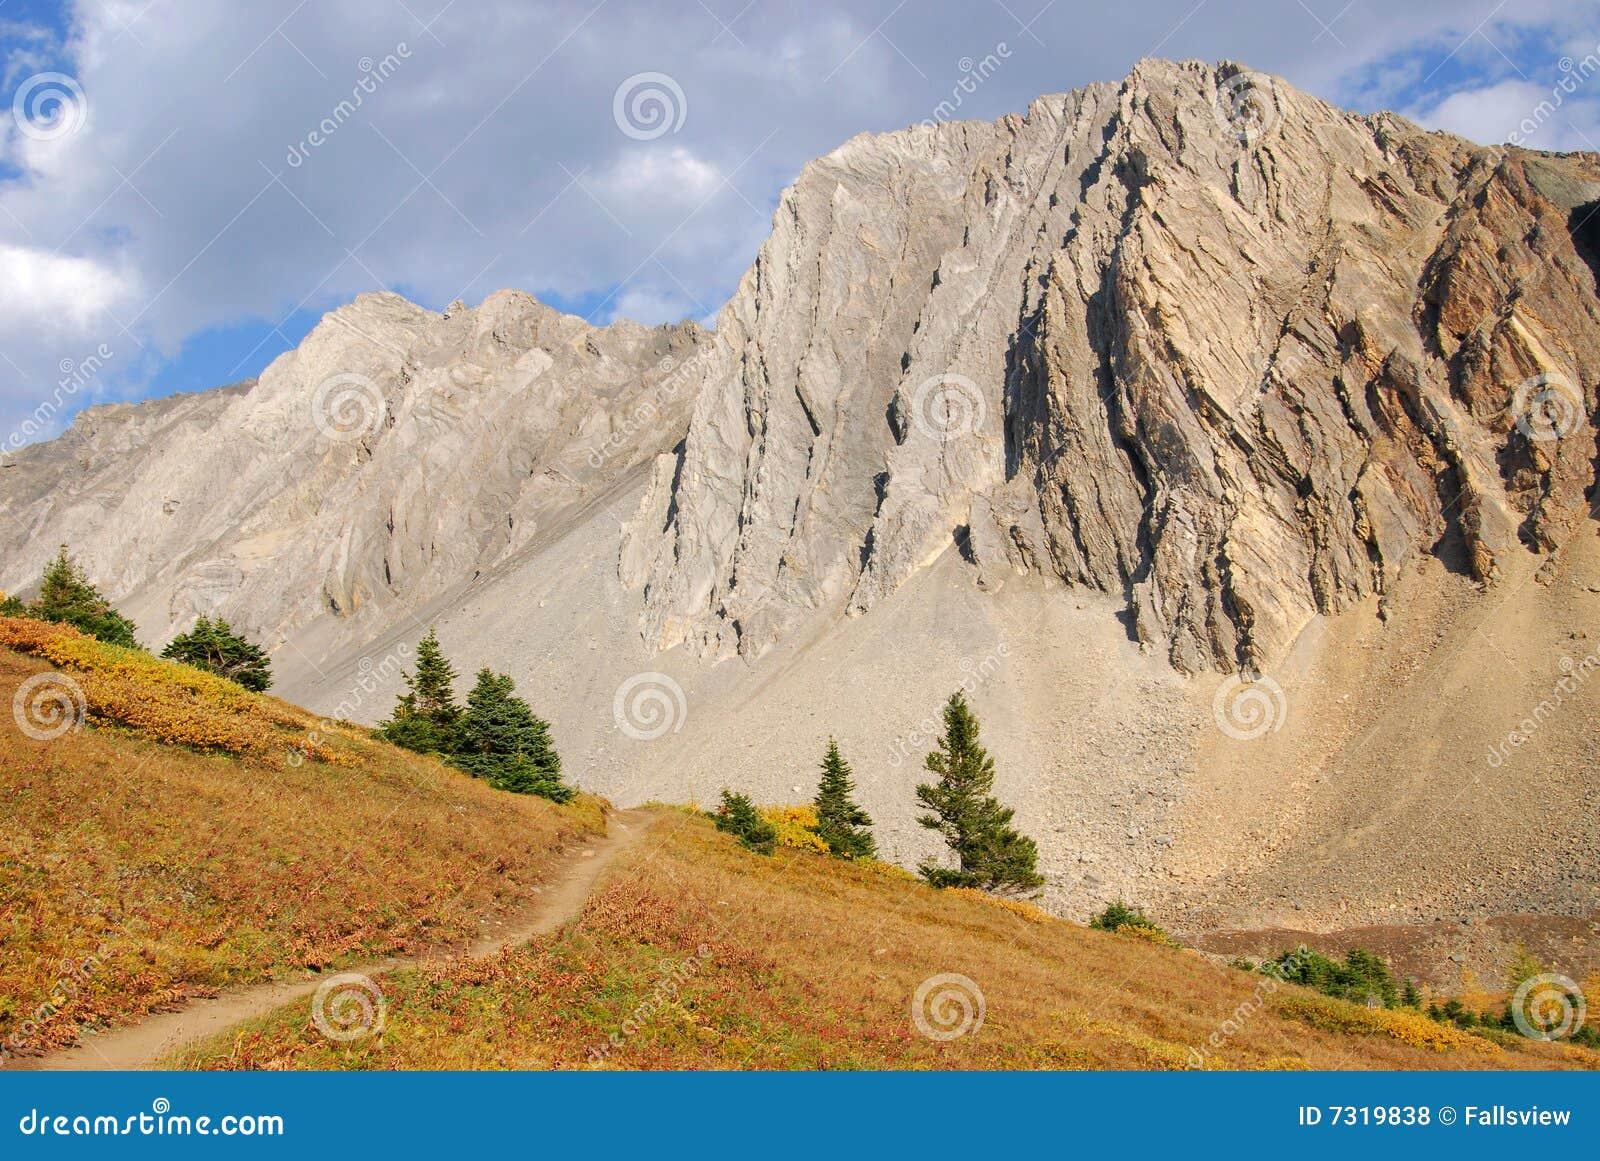 Traccia di escursione in prato alpino